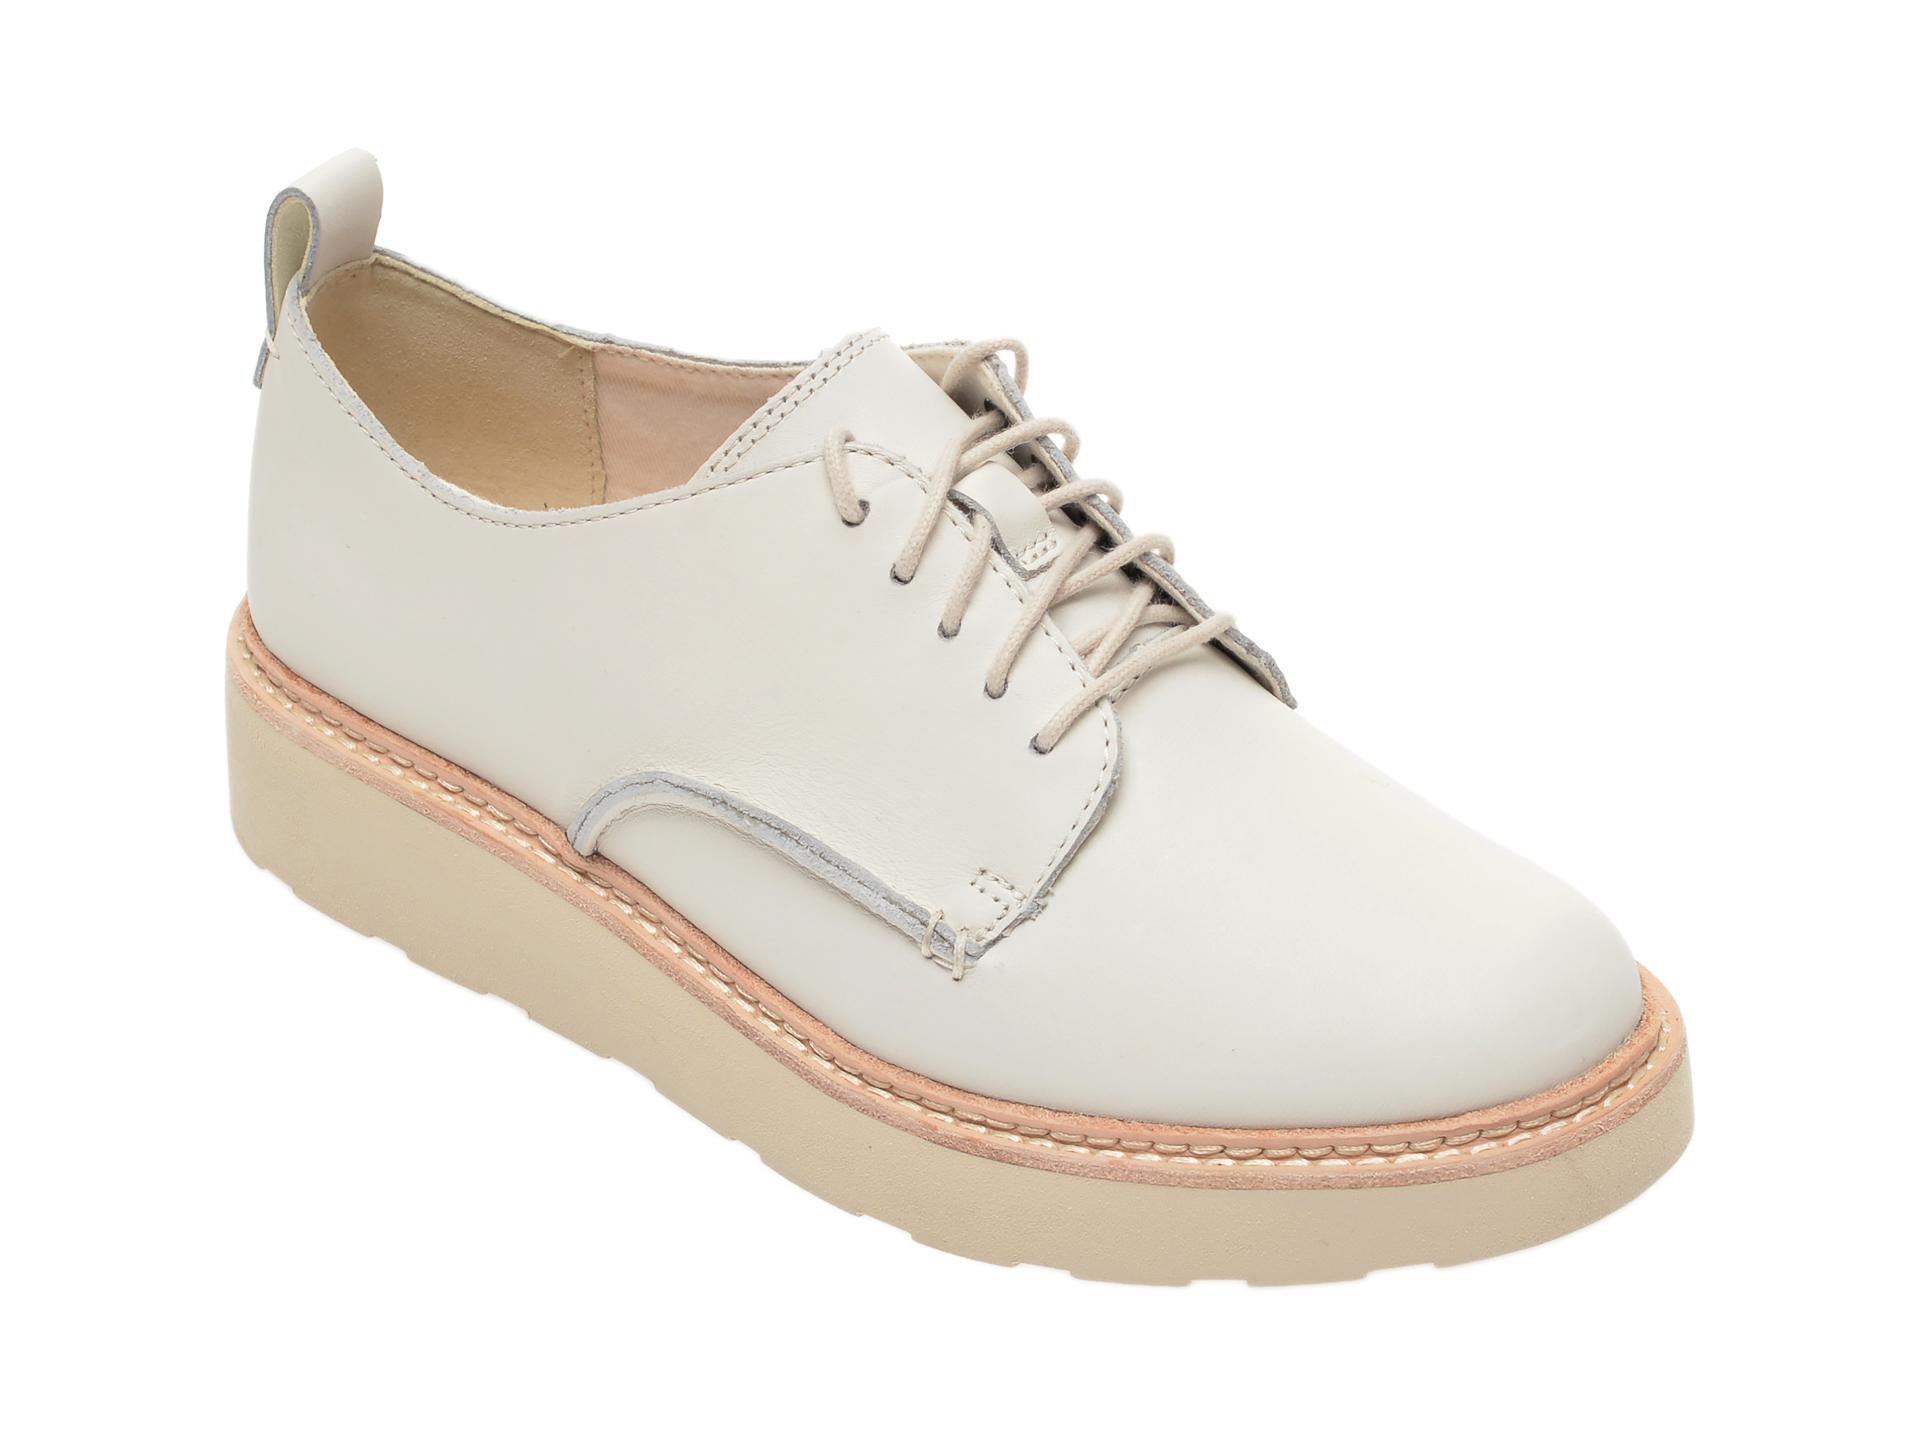 Pantofi CLARKS albi, Trace Walk, din piele naturala imagine